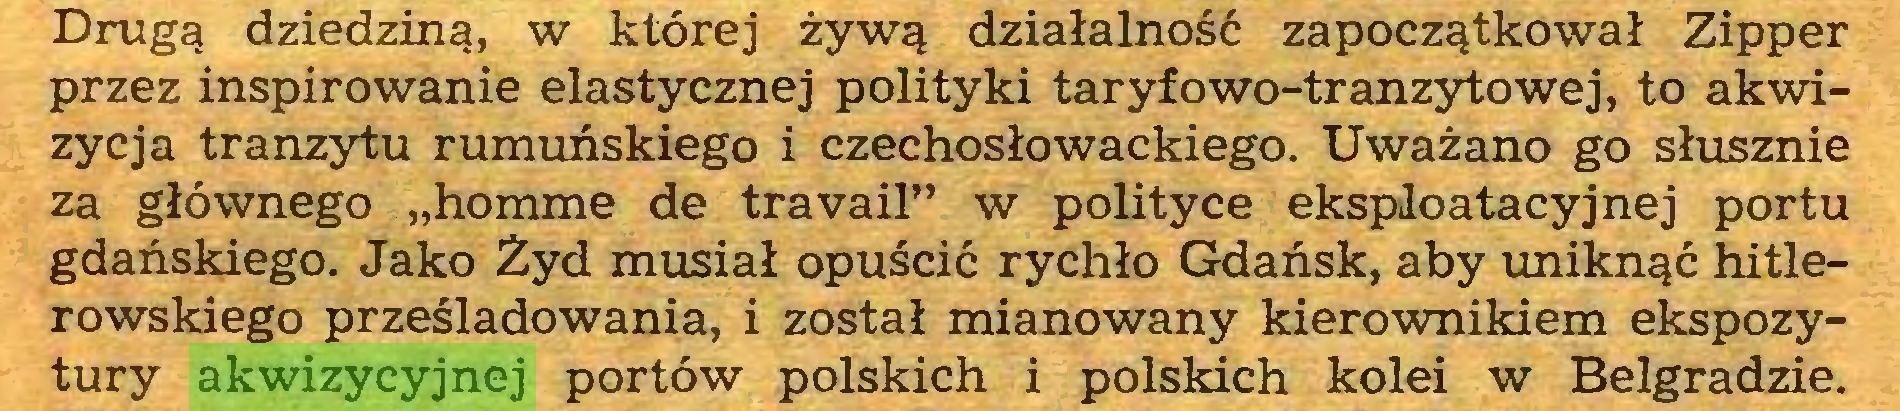 """(...) Drugą dziedziną, w której żywą działalność zapoczątkował Zipper przez inspirowanie elastycznej polityki taryfowo-tranzytowej, to akwizycja tranzytu rumuńskiego i czechosłowackiego. Uważano go słusznie za głównego """"homme de travail"""" w polityce eksploatacyjnej portu gdańskiego. Jako Żyd musiał opuścić rychło Gdańsk, aby uniknąć hitlerowskiego prześladowania, i został mianowany kierownikiem ekspozytury akwizycyjnej portów polskich i polskich kolei w Belgradzie..."""